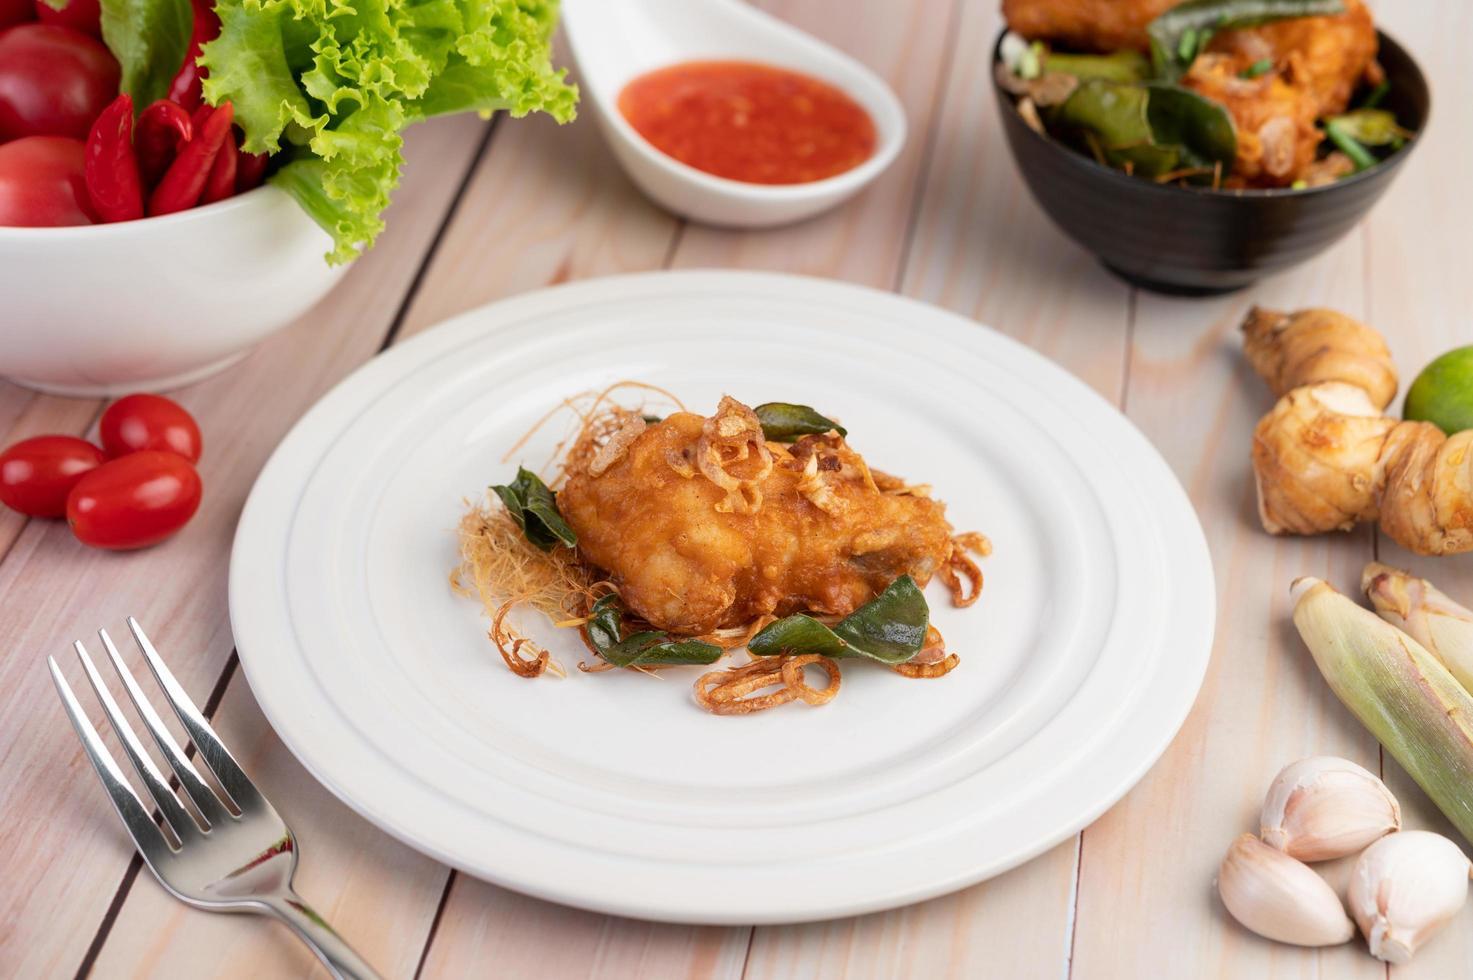 une assiette de poulet frit aux herbes photo